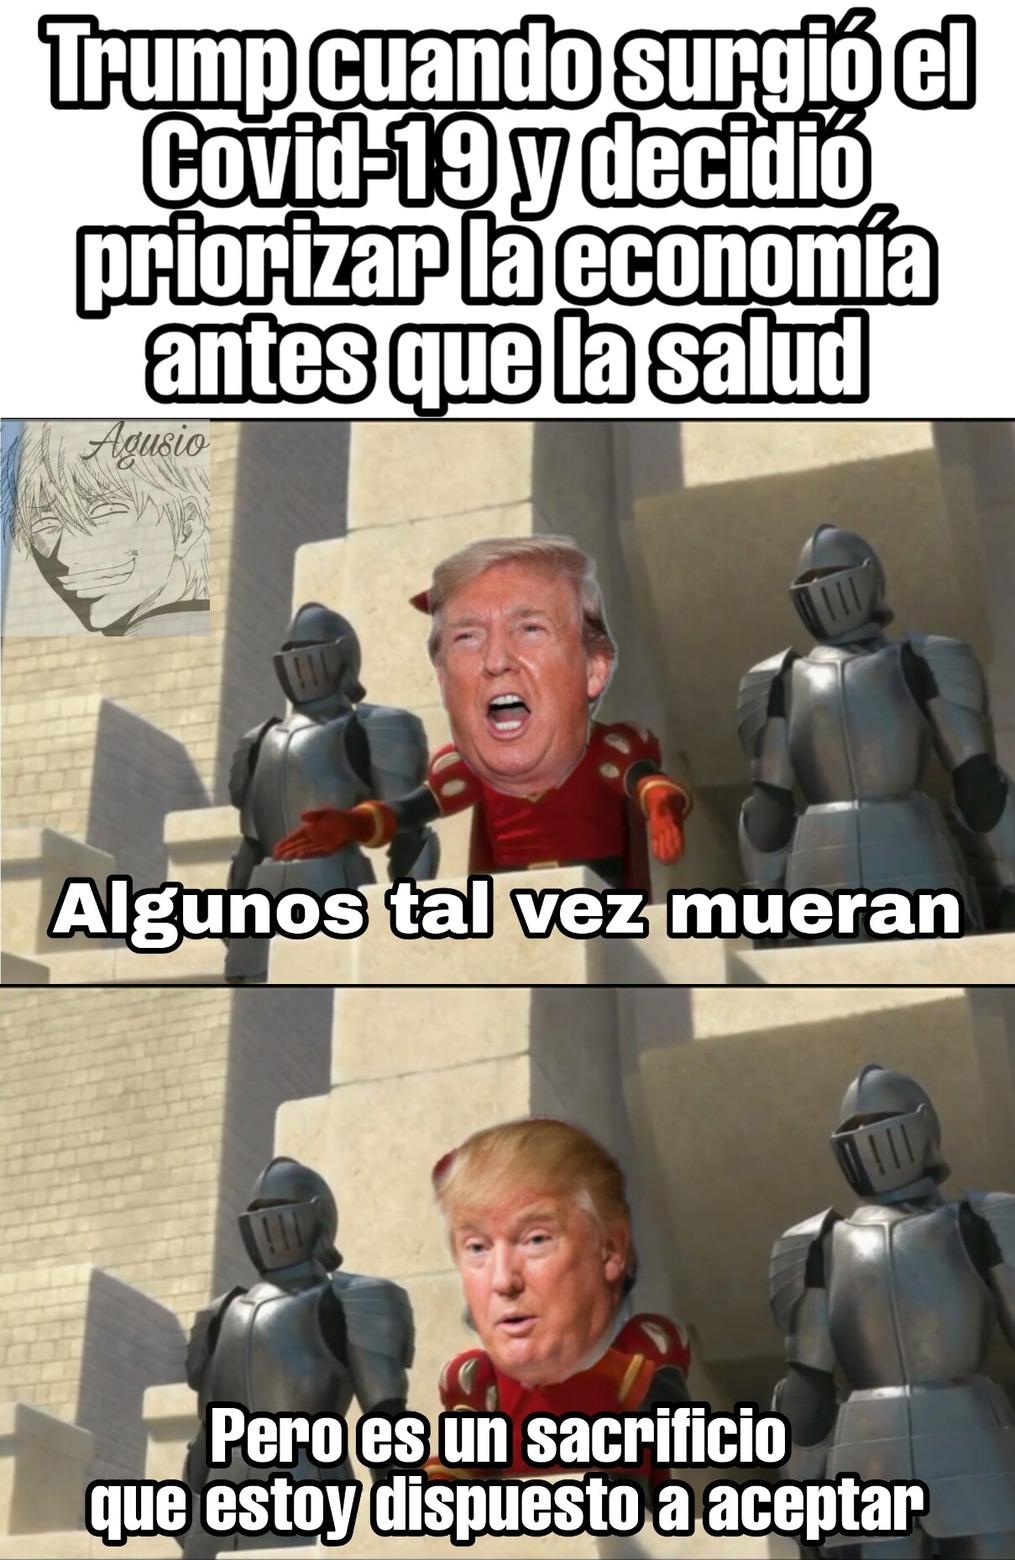 Ese Trump Es Un Loquillo - meme